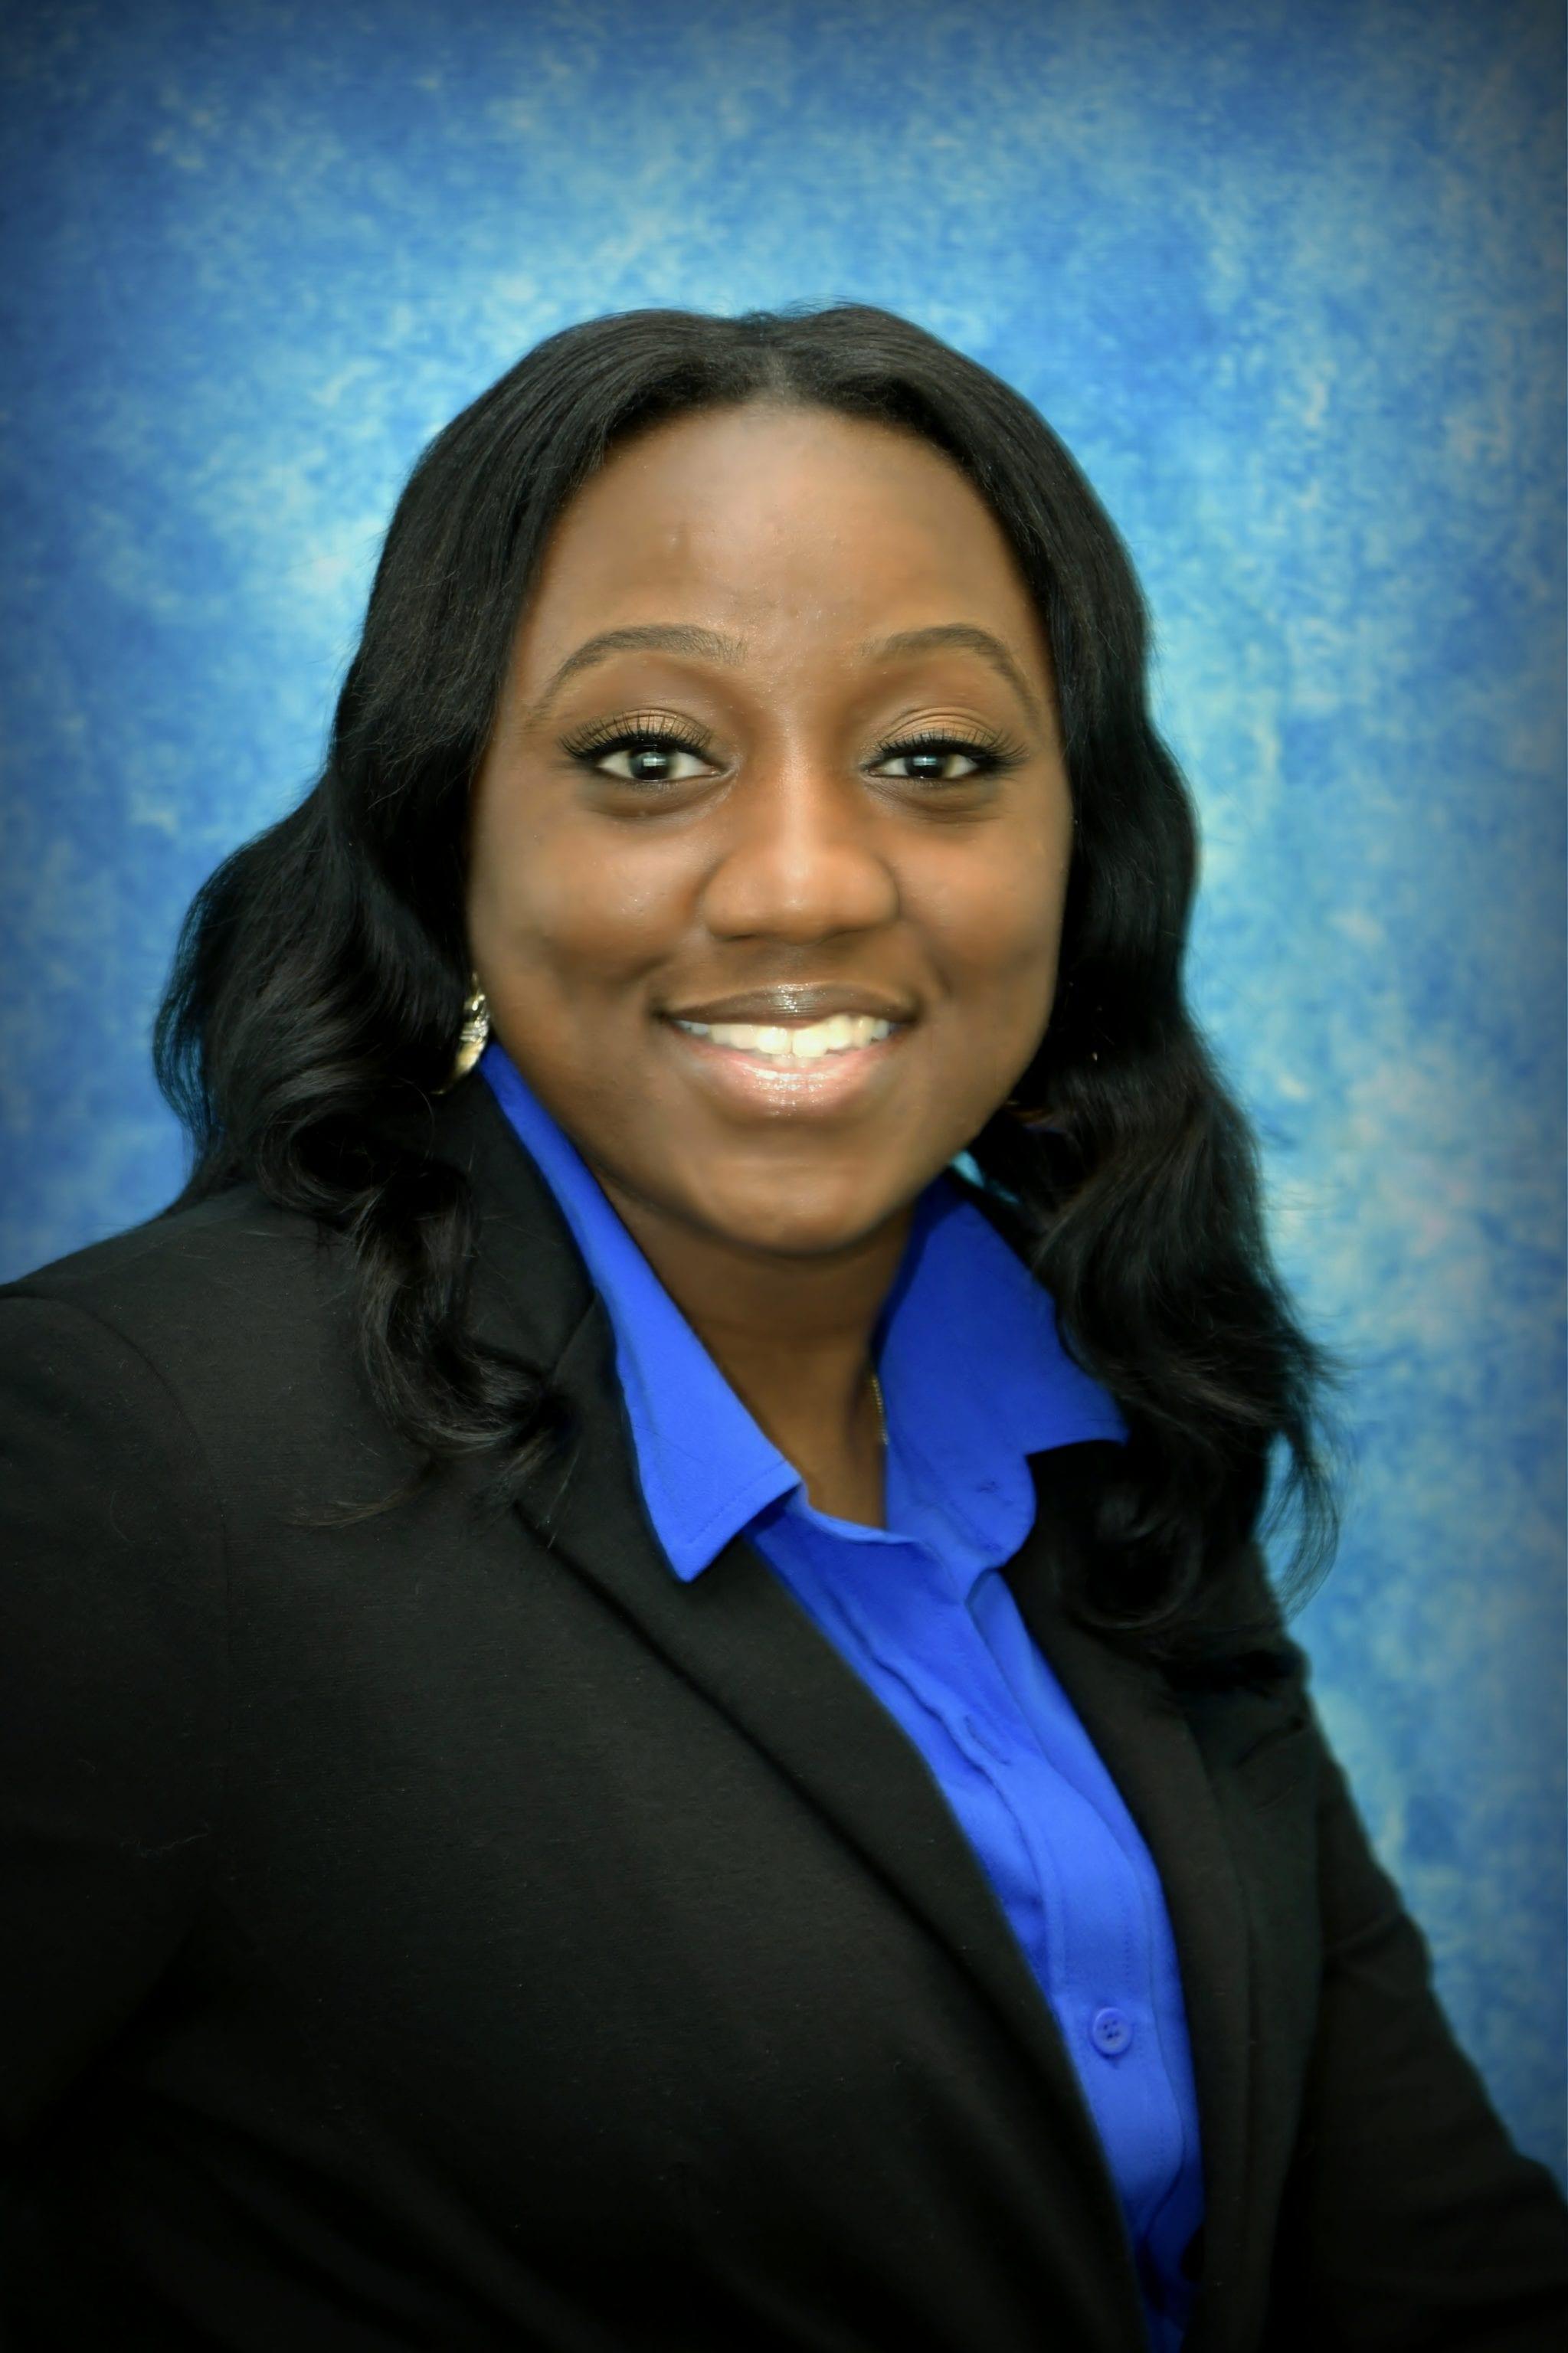 Amber Collington : Patient Care Coordinator